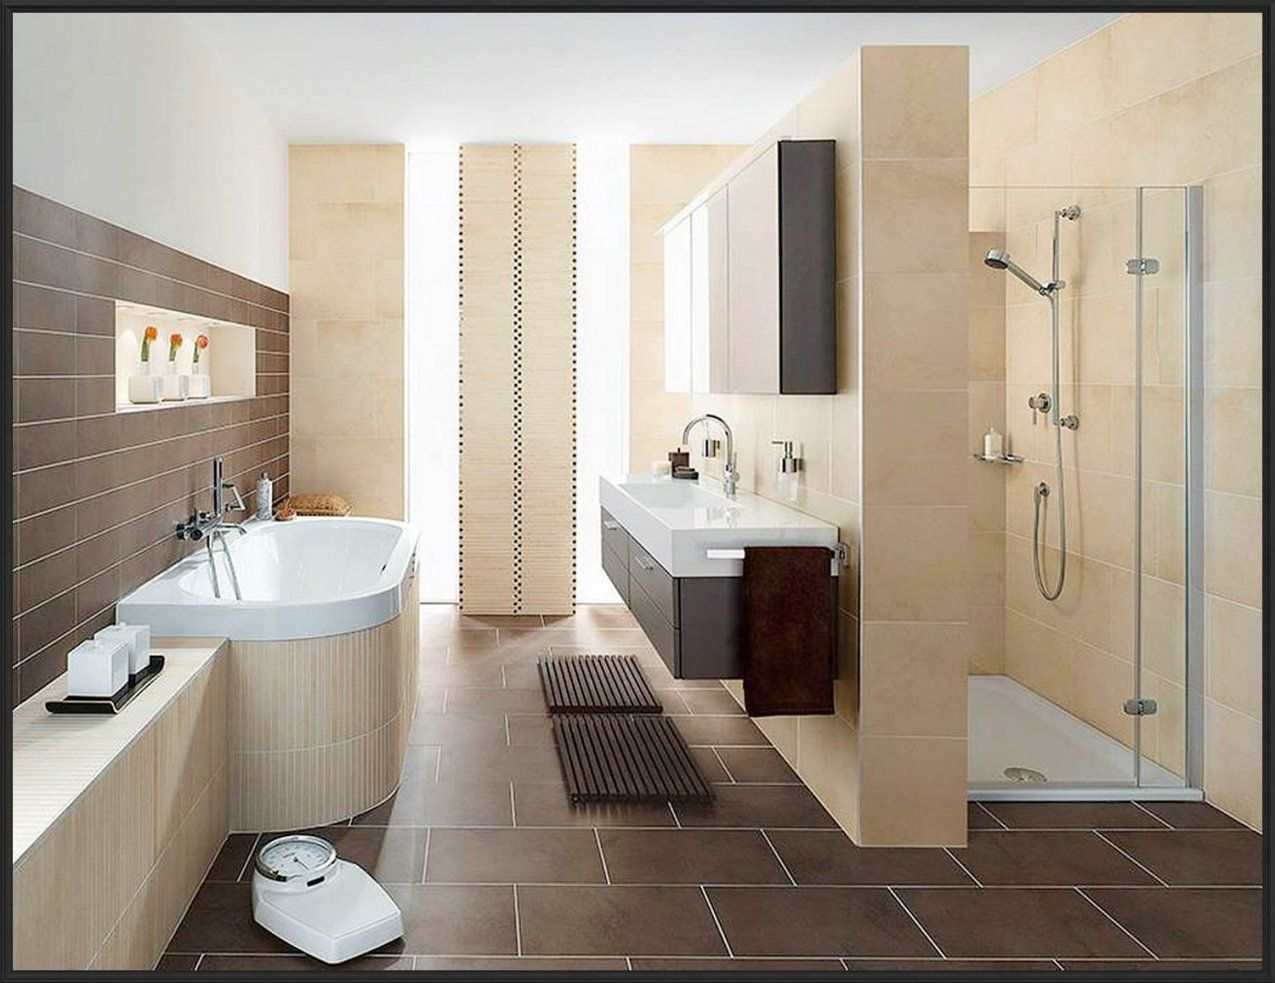 Hochwertig Gallery Of Badezimmer 10 Qm Haus Design Ideen Badezimmer 3 Qm Von Badezimmer  Beispiele 10 Qm